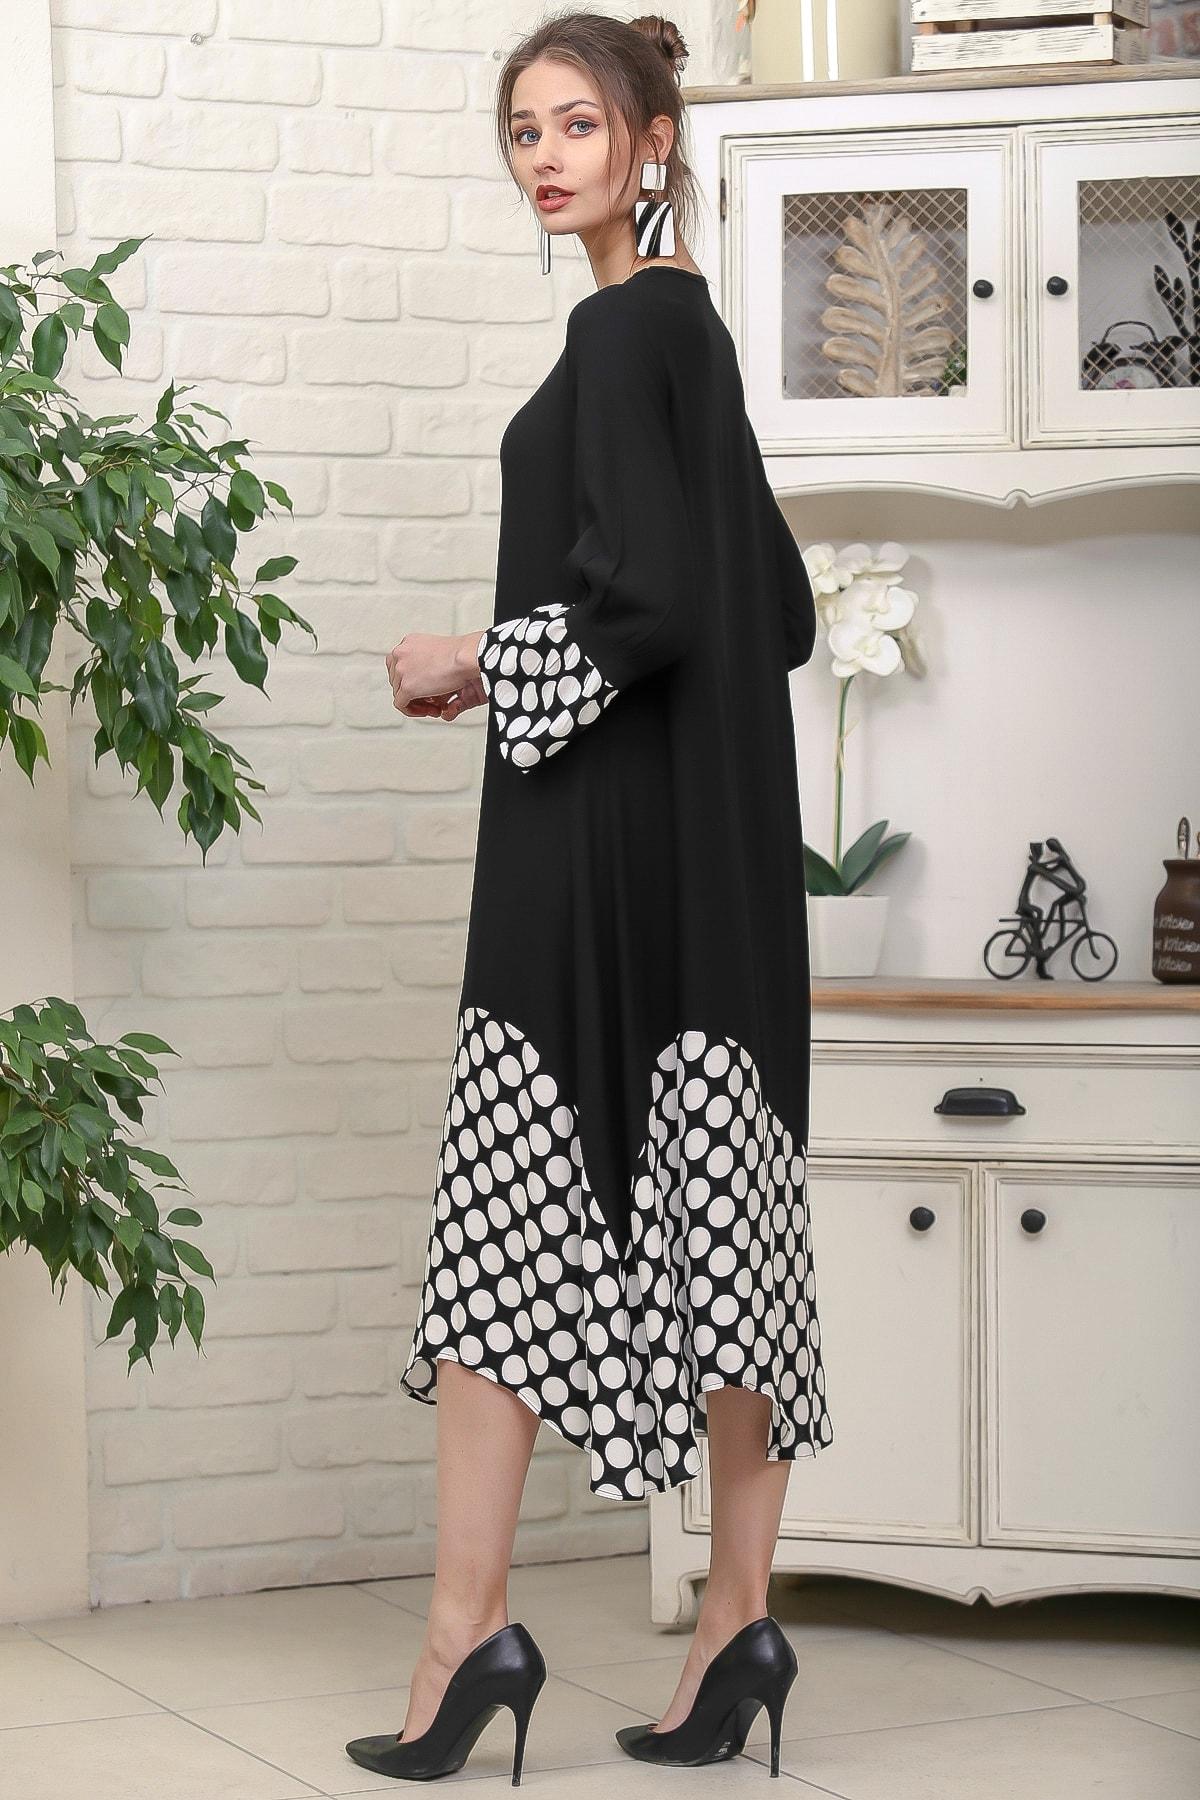 Chiccy Kadın Siyah Sıfır Yaka Puantiye Etek Ucu Bloklu 3/4 Kol Elbise M10160000EL95895 4